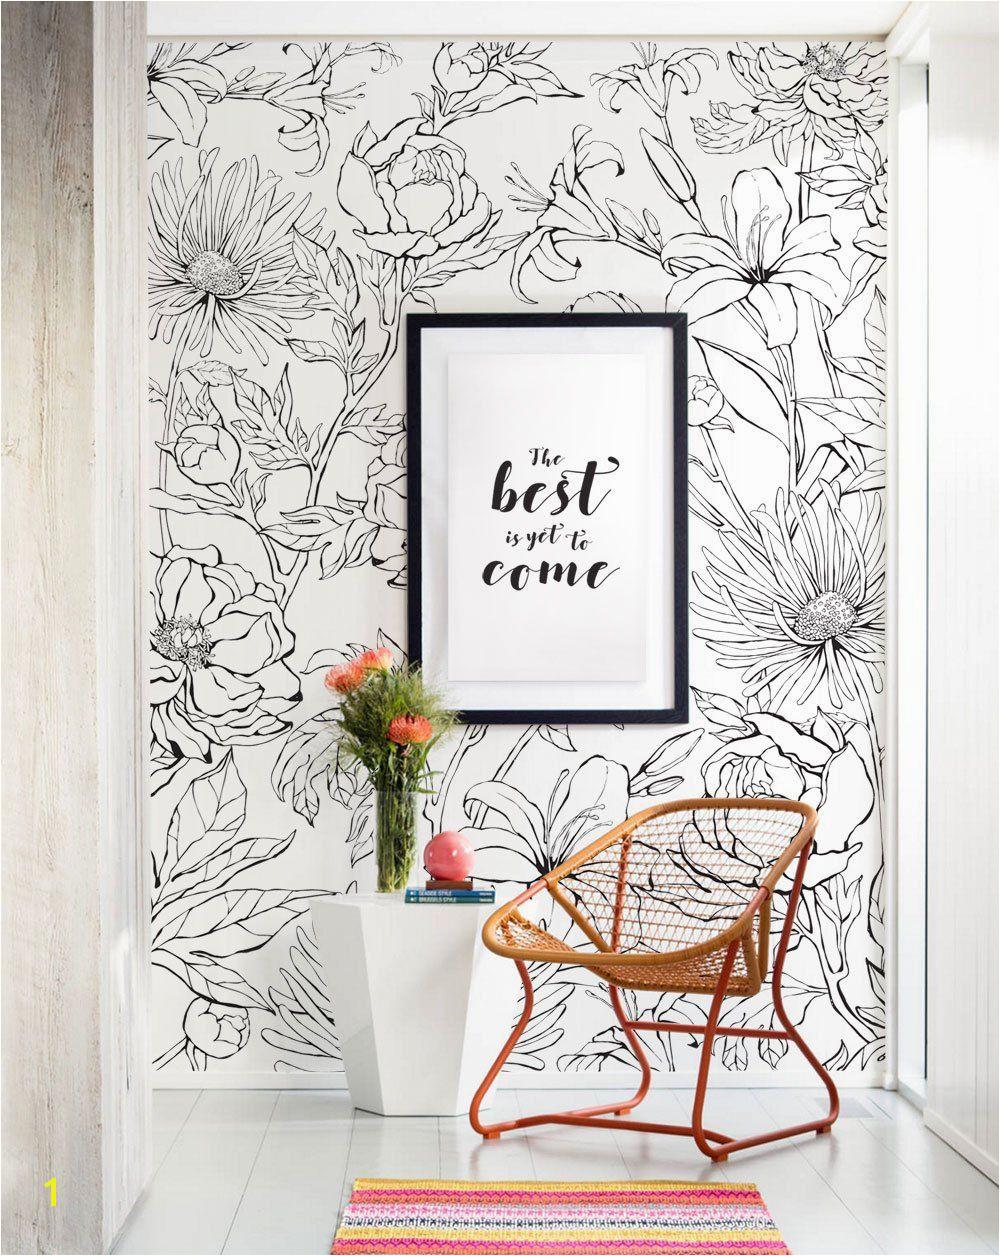 Botanical Garden Hand Drawn Flowers Mural Wall Art Wallpaper Peel and Stick